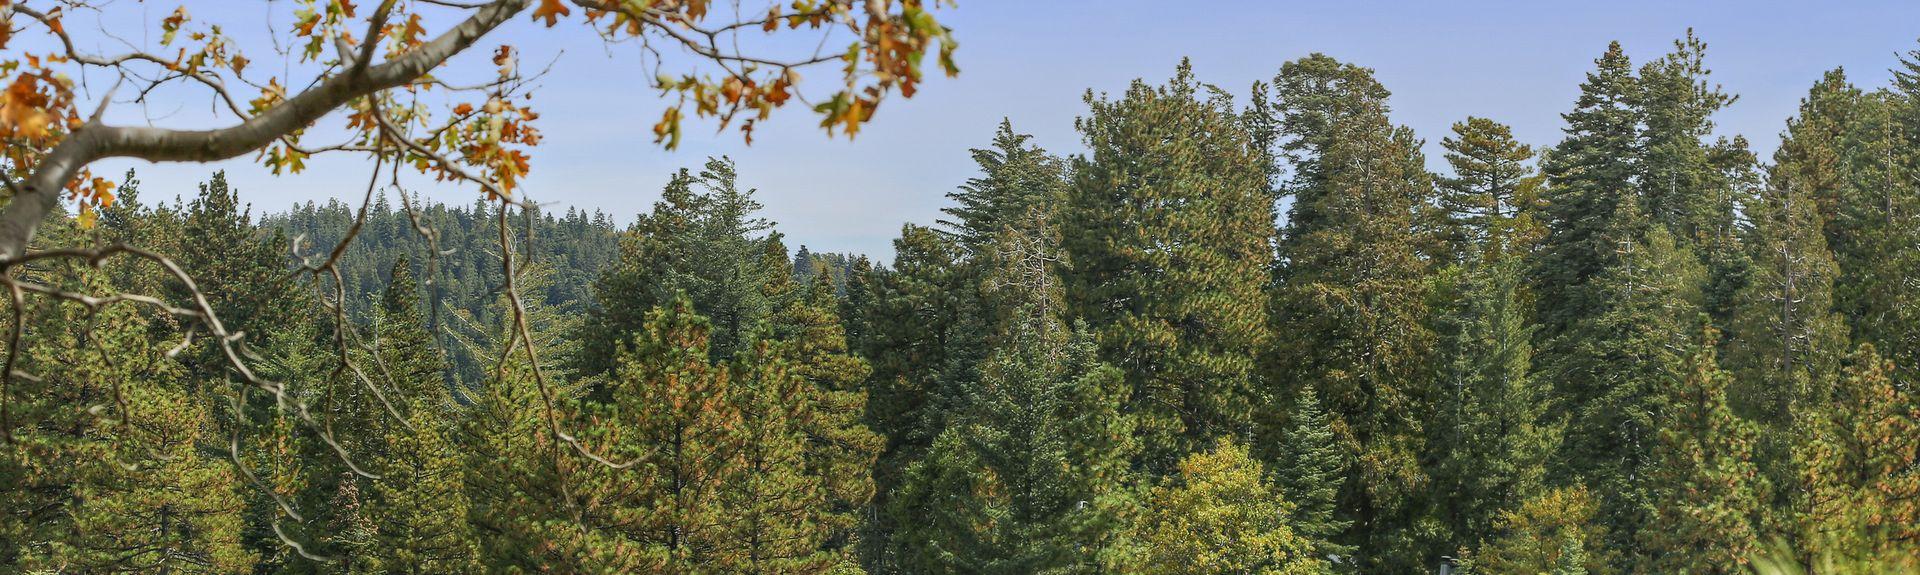 Strawberry Peak Fire Lookout, Twin Peaks, CA, USA